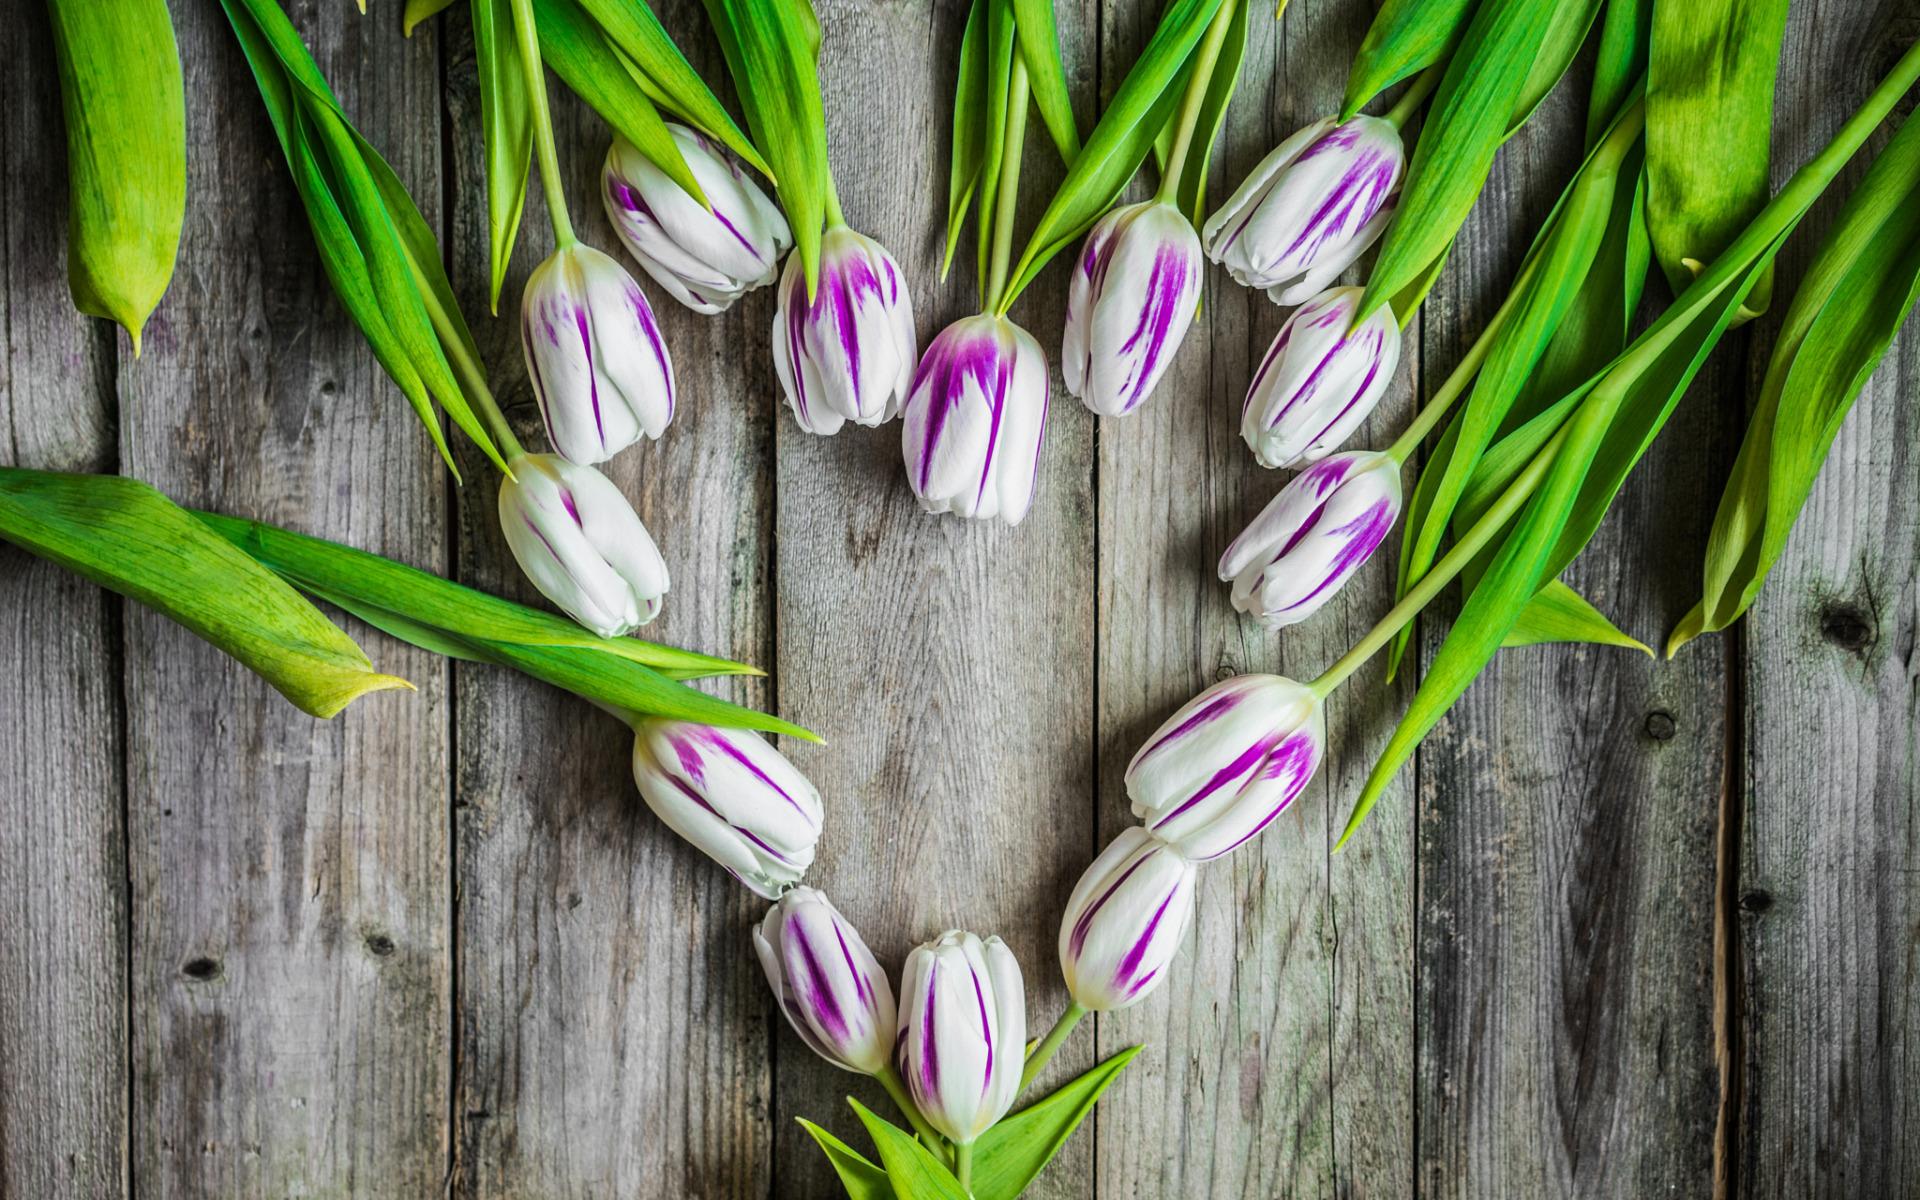 тюльпаны в коробке картинки на фоне полосатых обоев сиреневых аниме